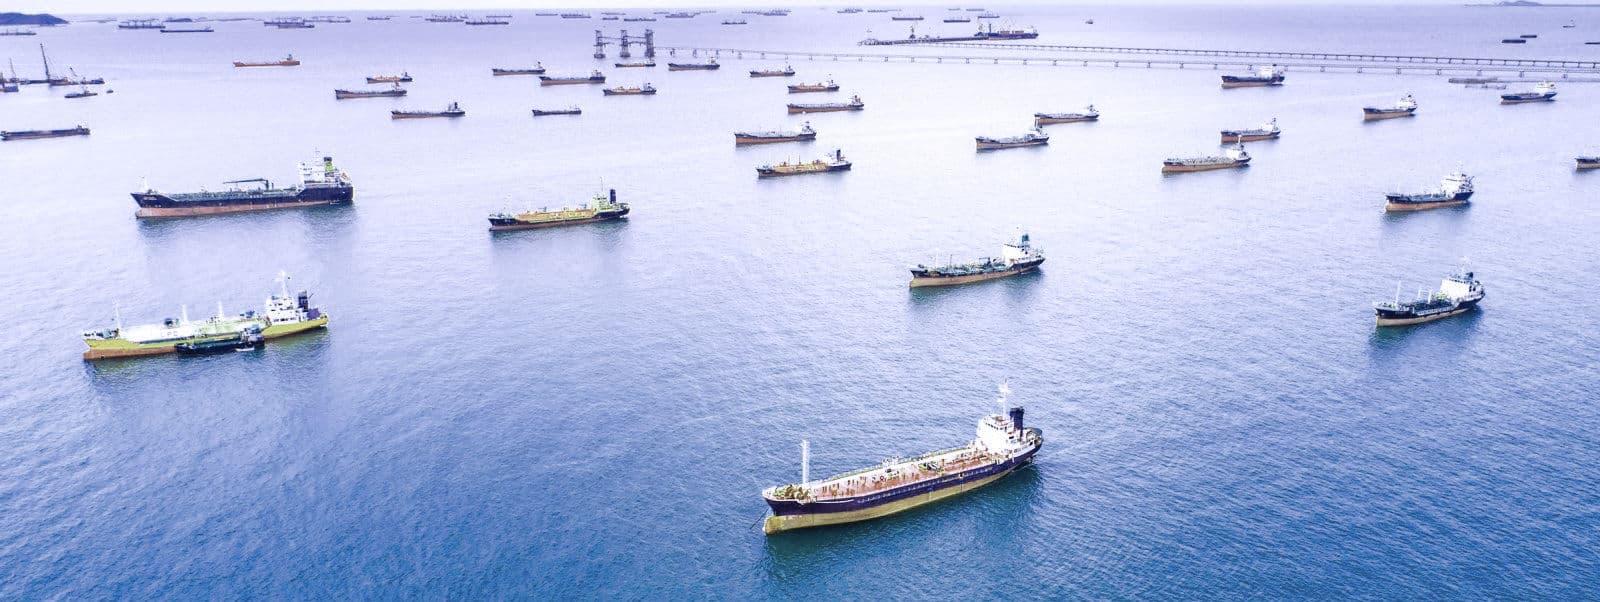 El exceso de petróleo almacenado en el mar comienza a reducirse